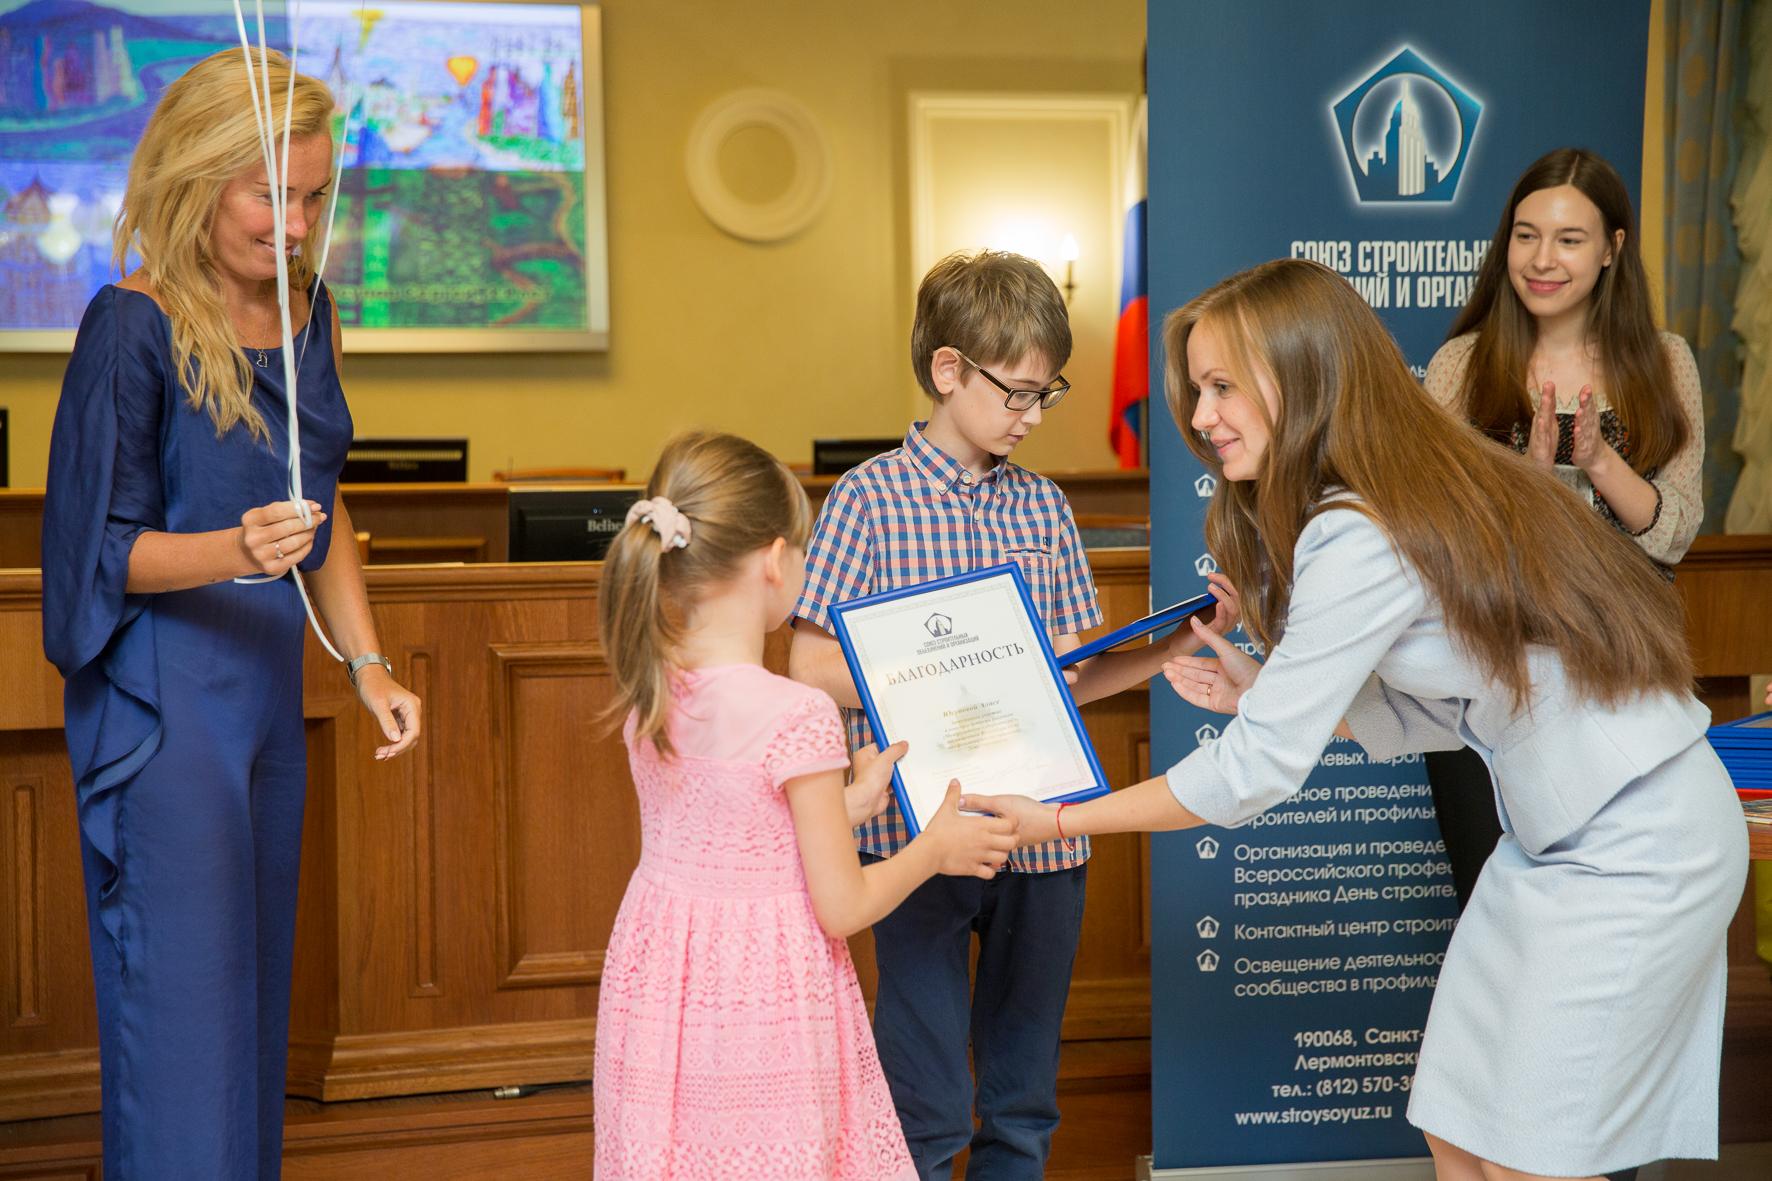 Детские конкурсы в москве в 2018 году